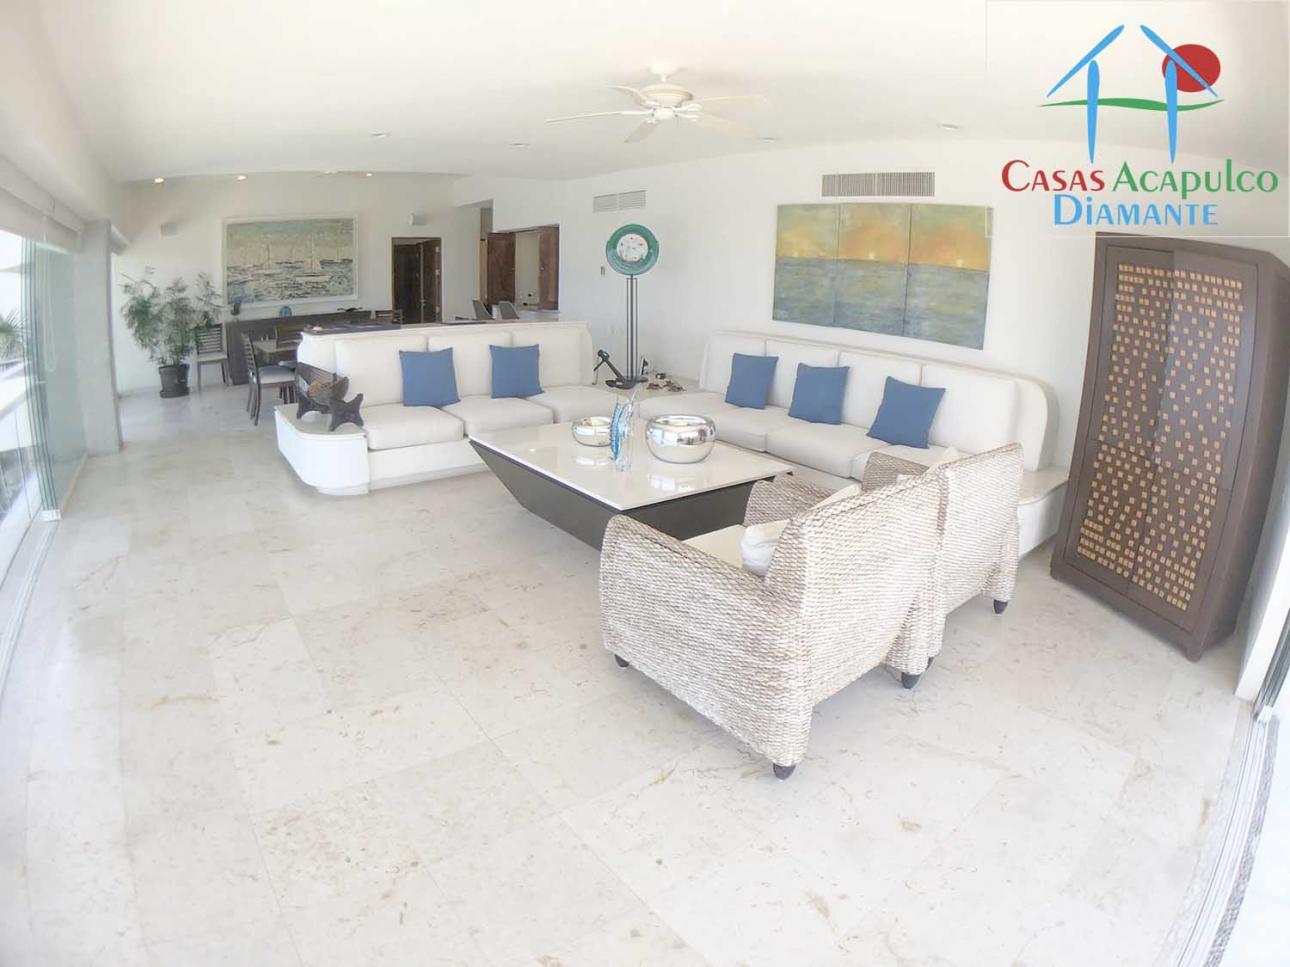 Casas Acapulco Diamante, Renta de Departamento en Fraccionamiento Real Diamante   Acapulco